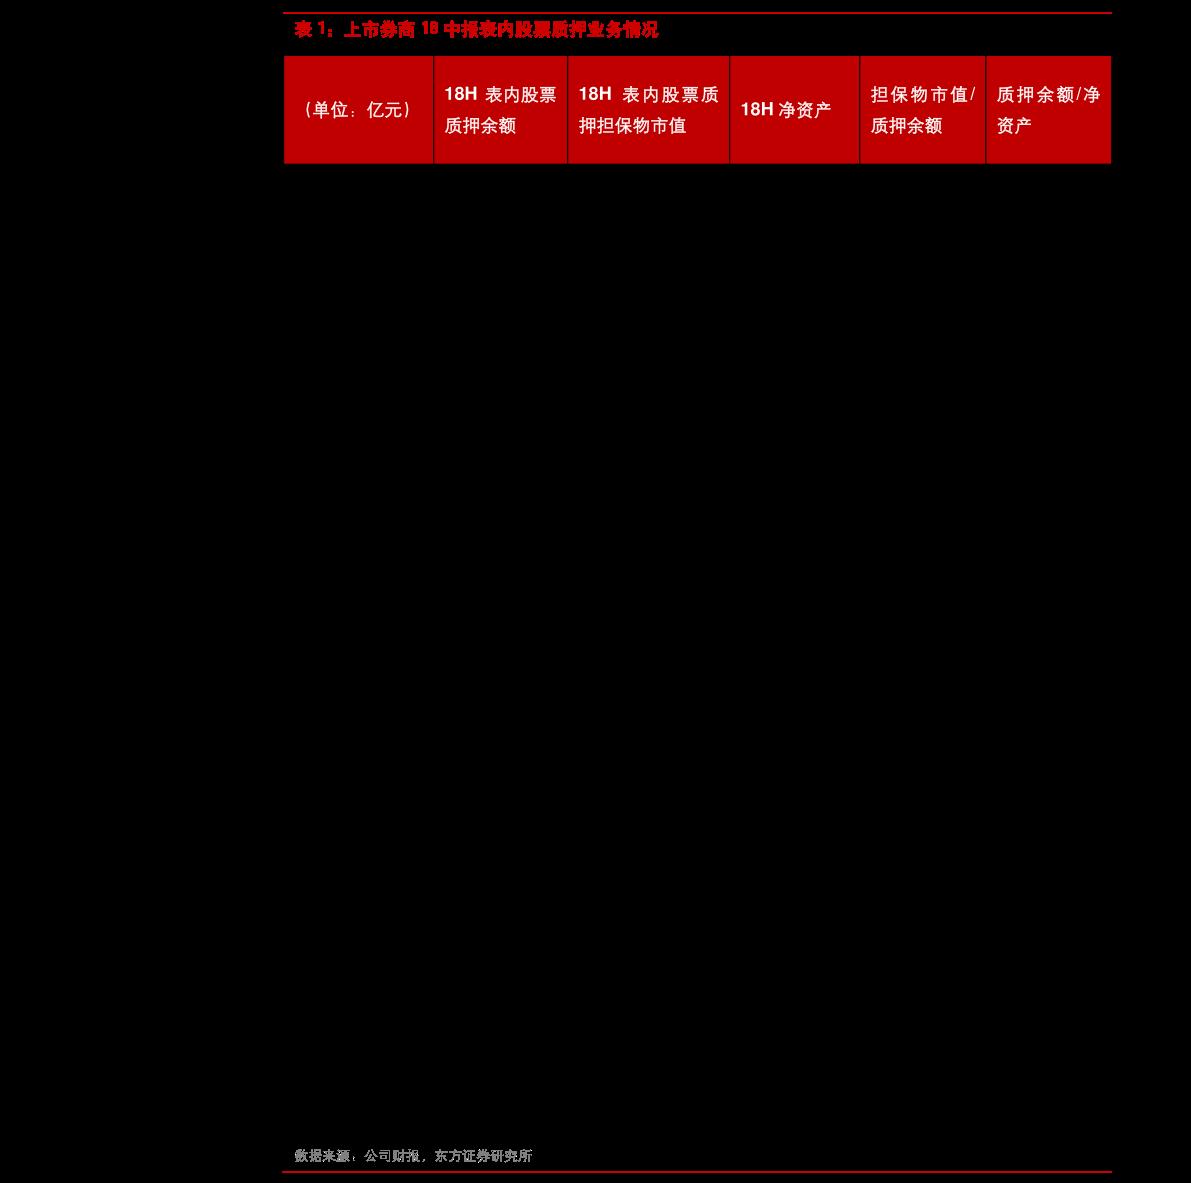 股票交易心理学的书(股票交易心理学PDF)插图1